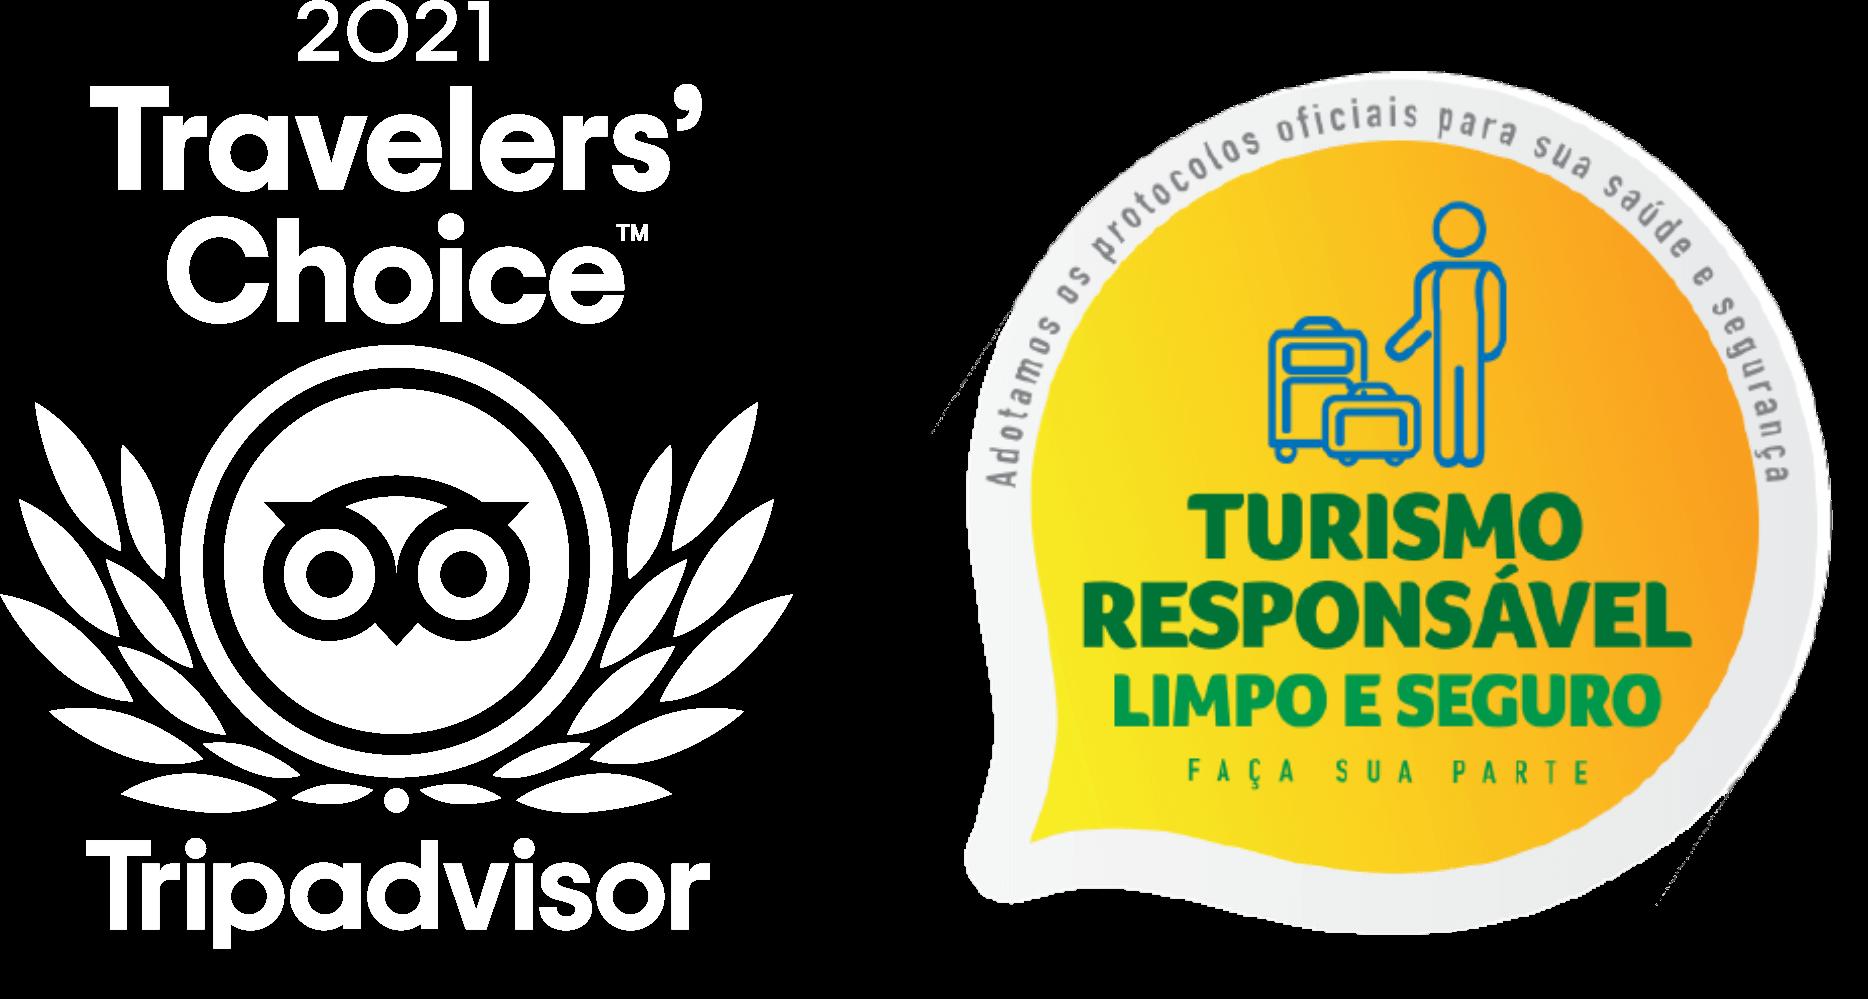 Tripadvisor 2020 e turismo